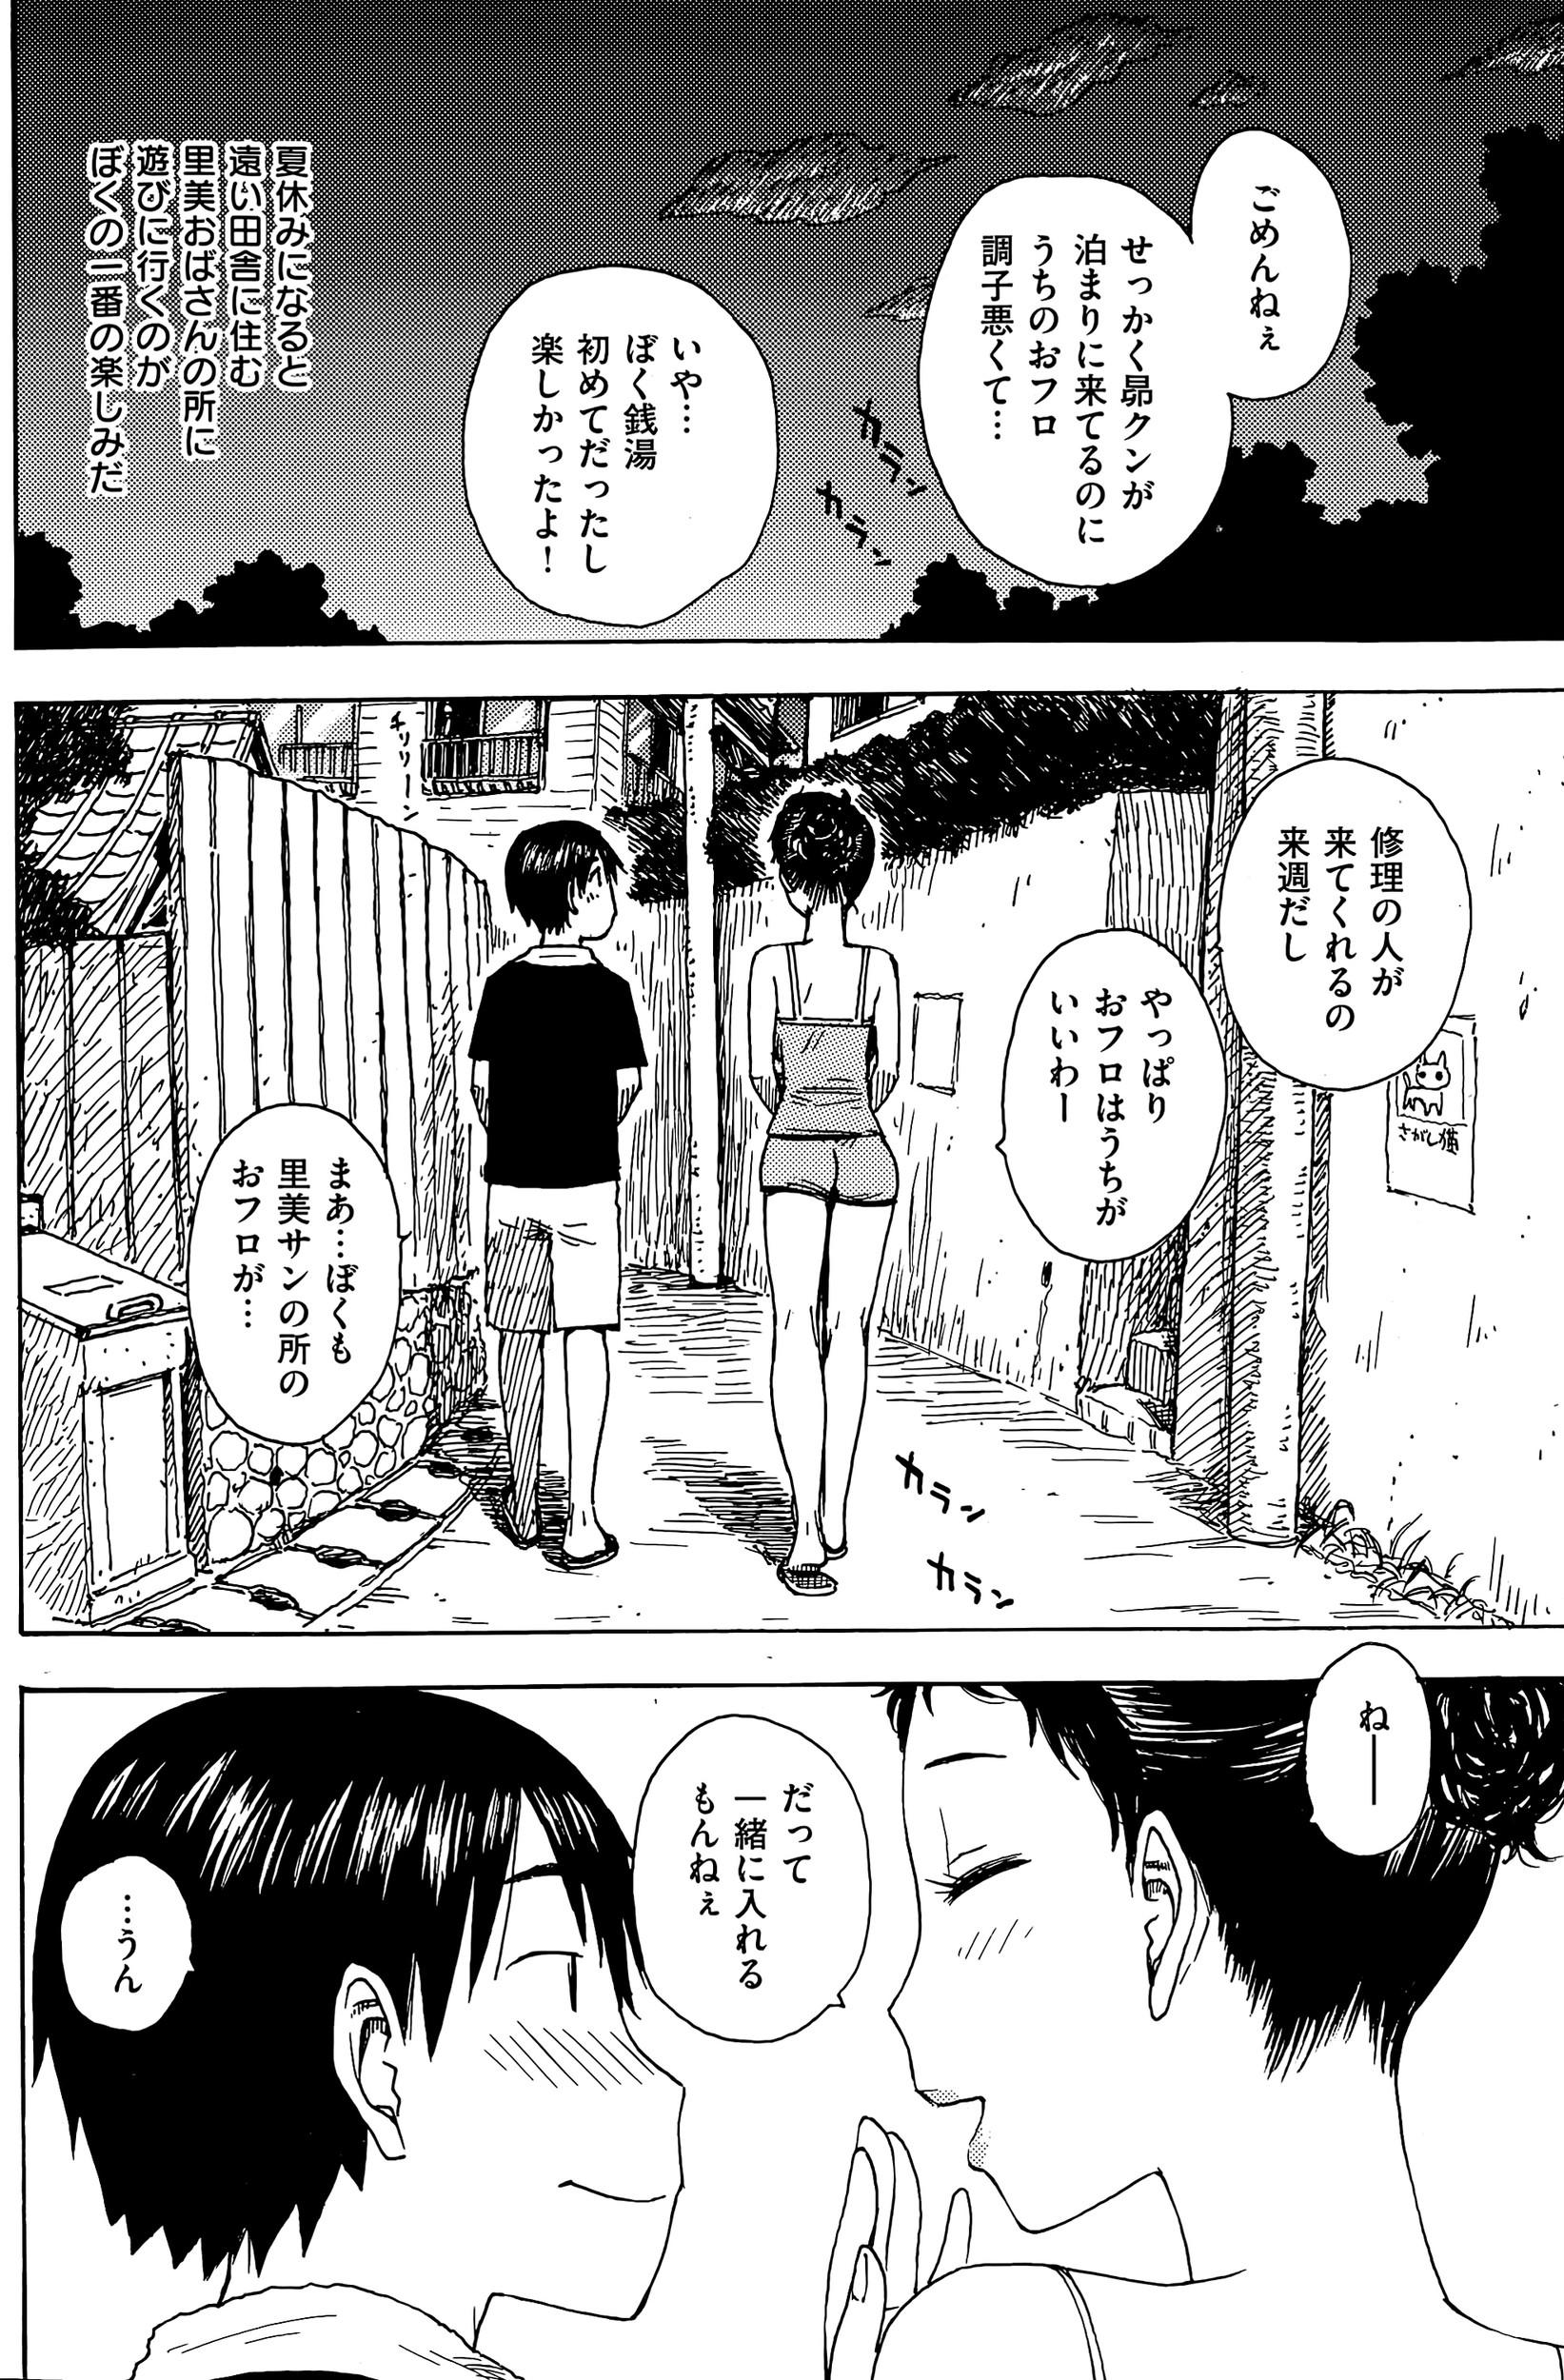 【エロ漫画】親戚の叔母さんの家にお泊りする青年が近所の公園の砂場をお風呂に見立ててイチャラブセックスしちゃったwww